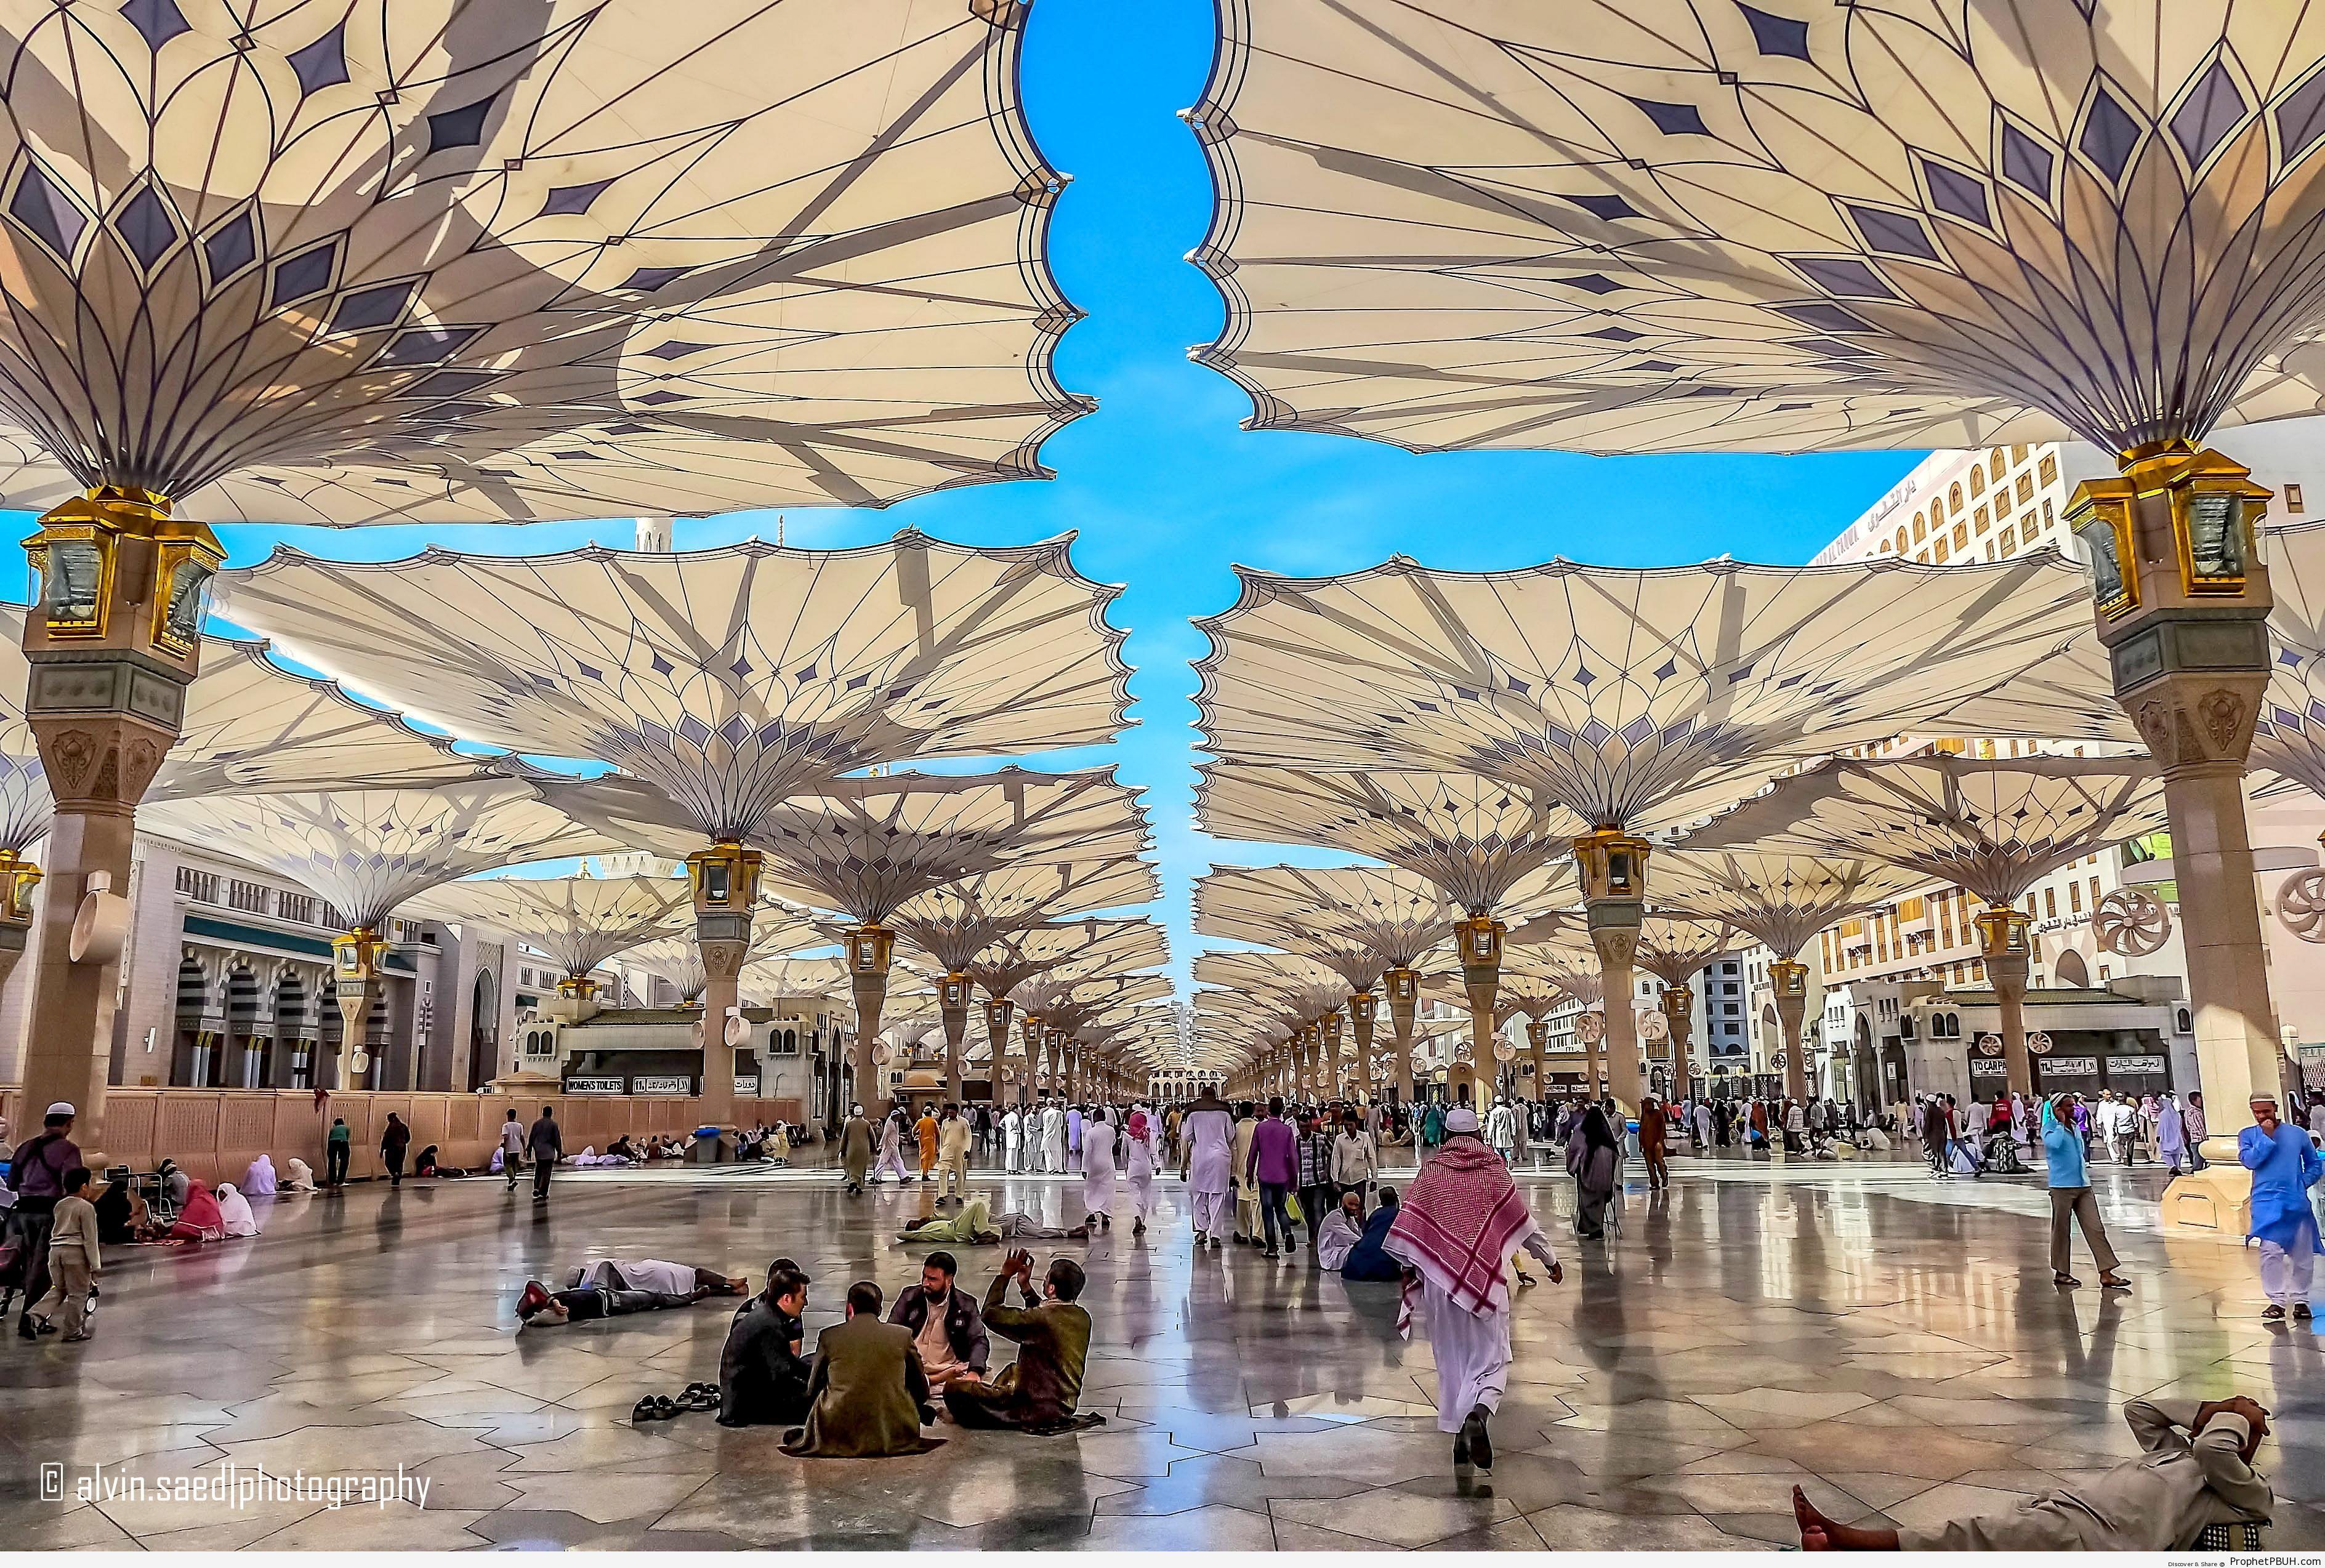 Umbrellas at al-Masjid an-Nabawi in Madinah, Saudi Arabia - Al-Masjid an-Nabawi (The Prophets Mosque) in Madinah, Saudi Arabia -Picture